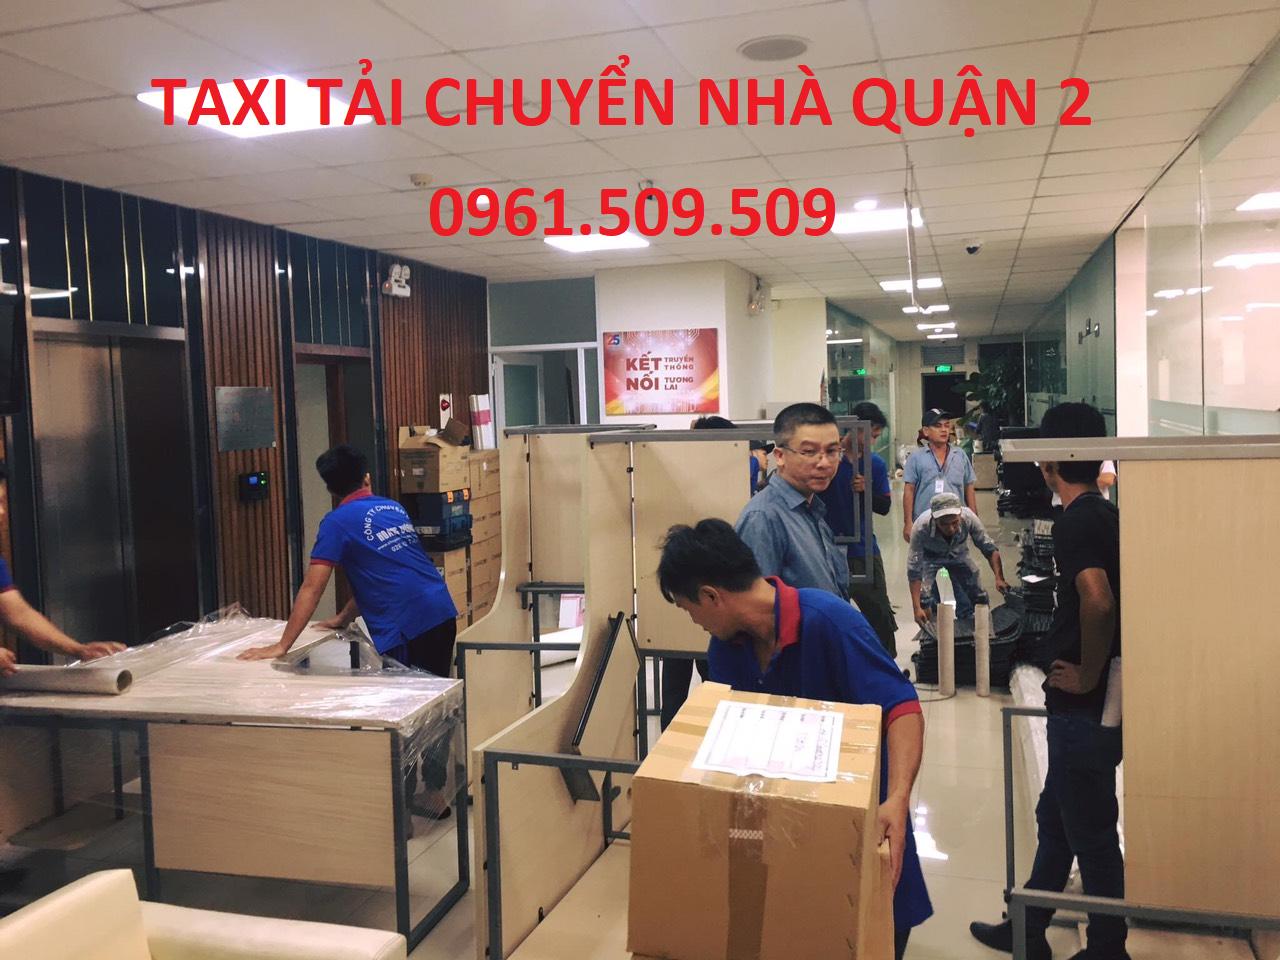 taxi tải chuyển nhà quận 2